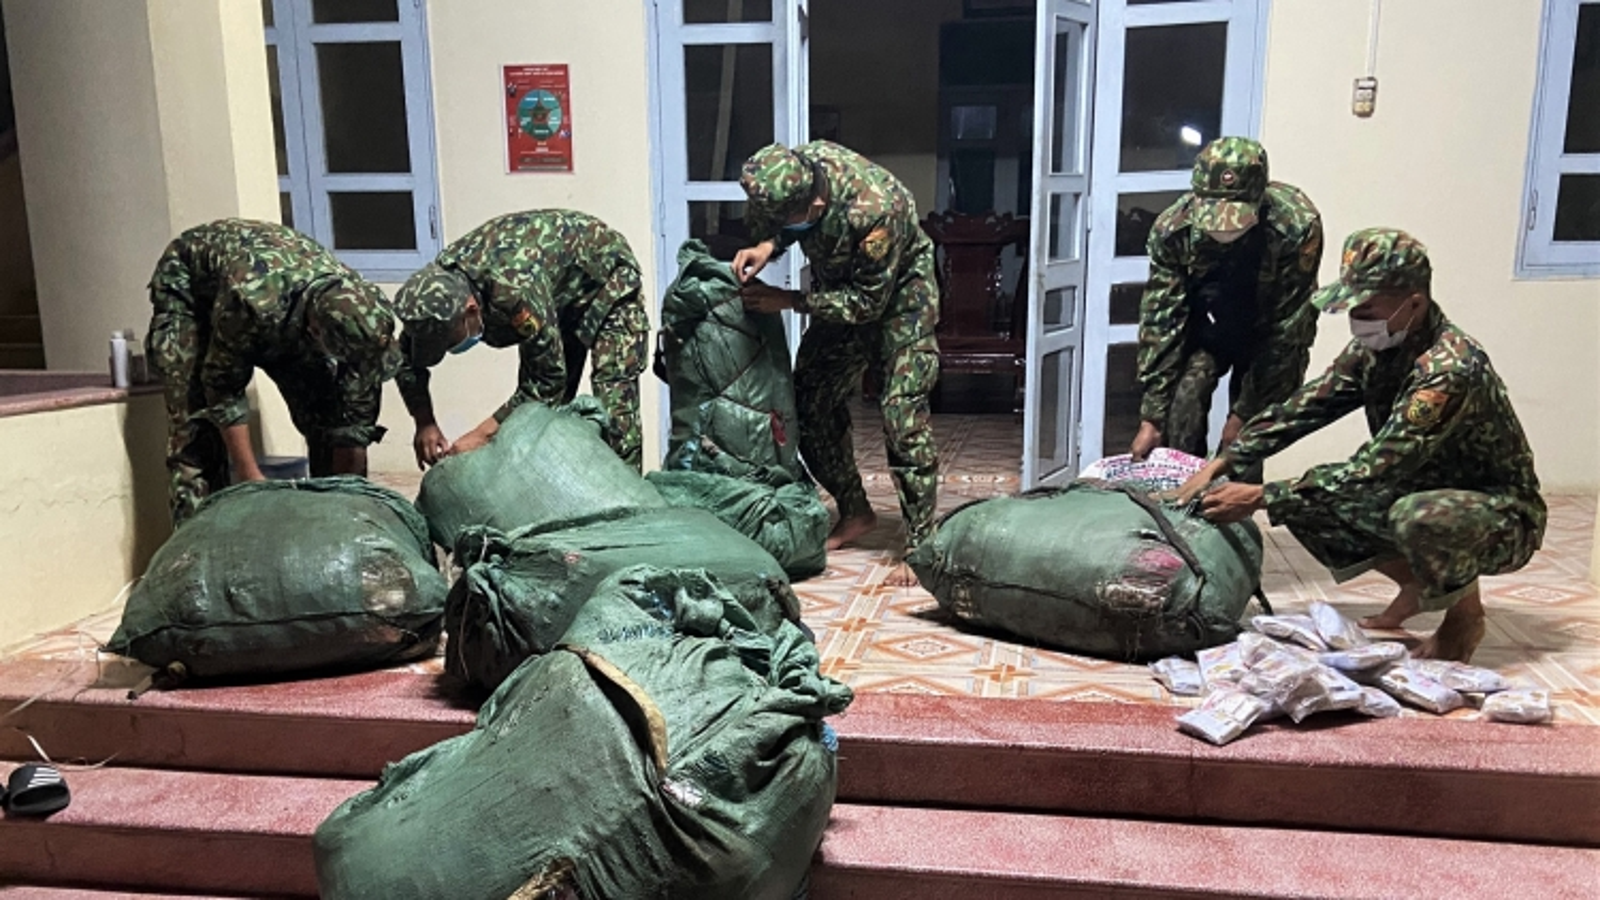 Bộ đội Biên phòng An Giangbắt giữ lô hàng lậu trị giá hơn 200triệu đồng